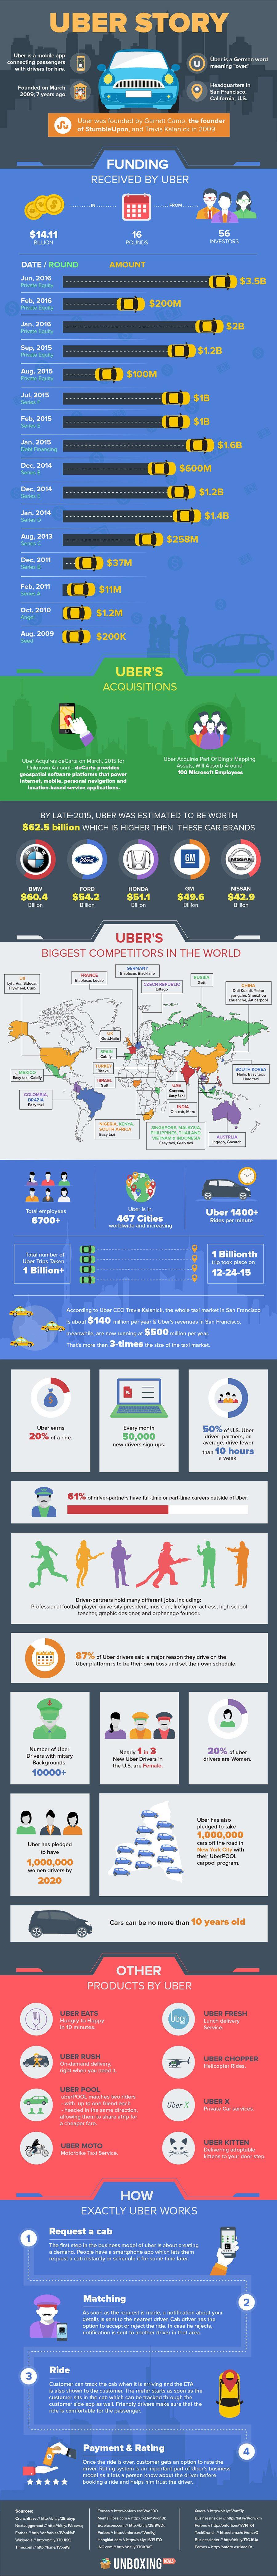 Uber Story